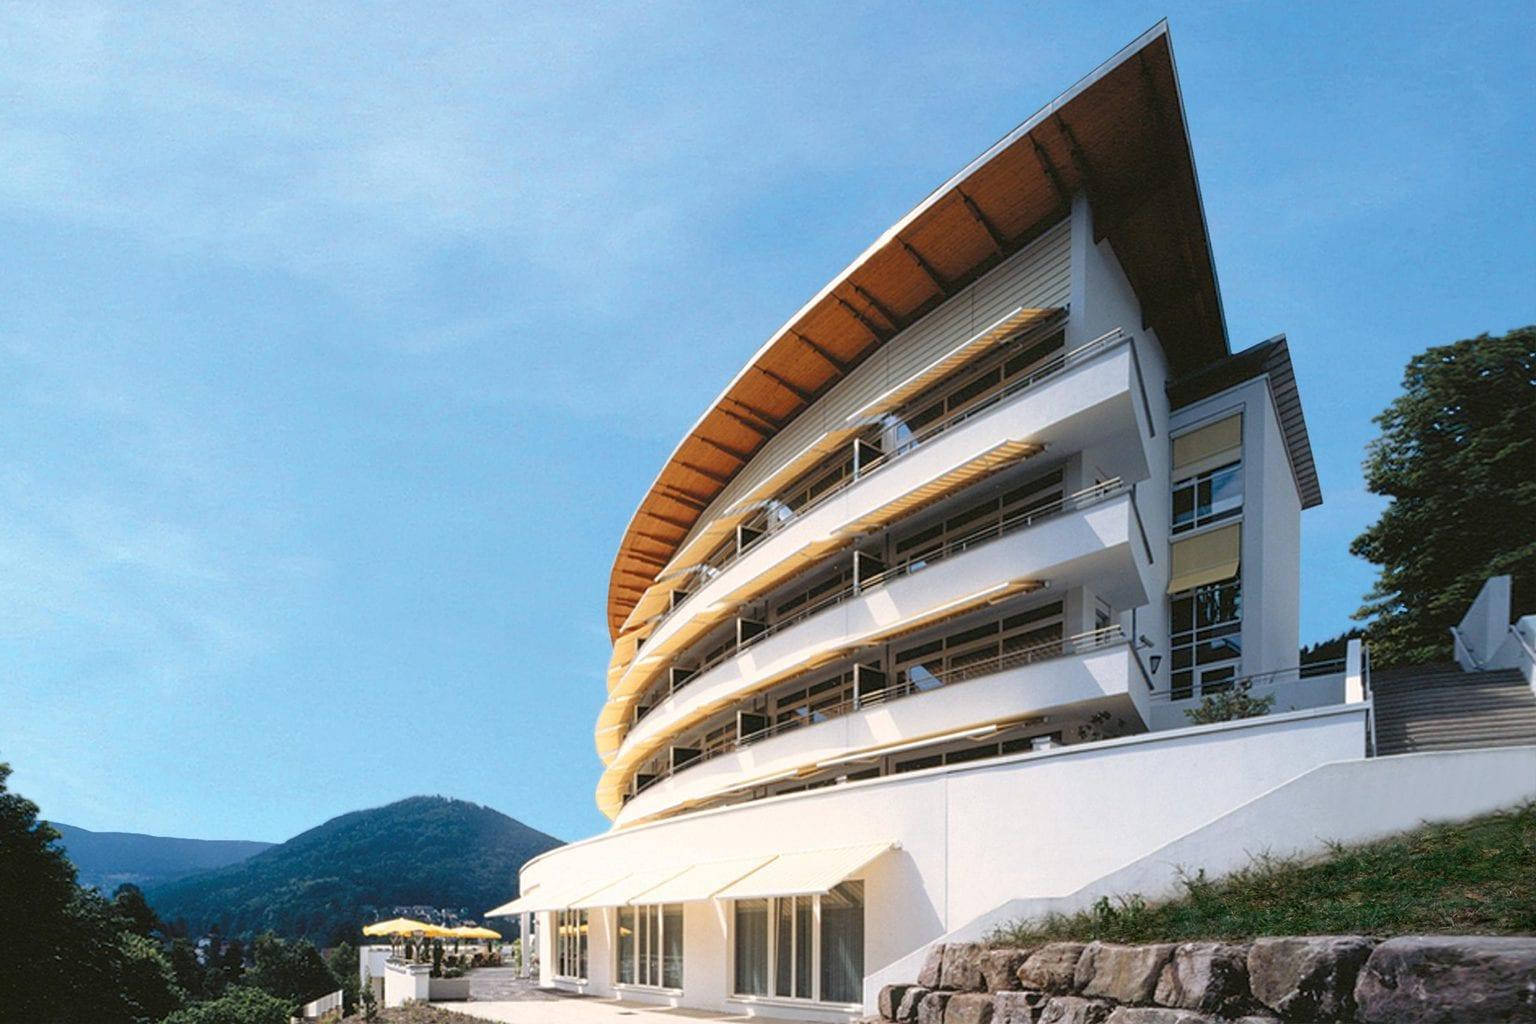 Geavanceerde architektuur is een van de meest opvallende kenmwerken van Hotel Schwarzwald Panorama